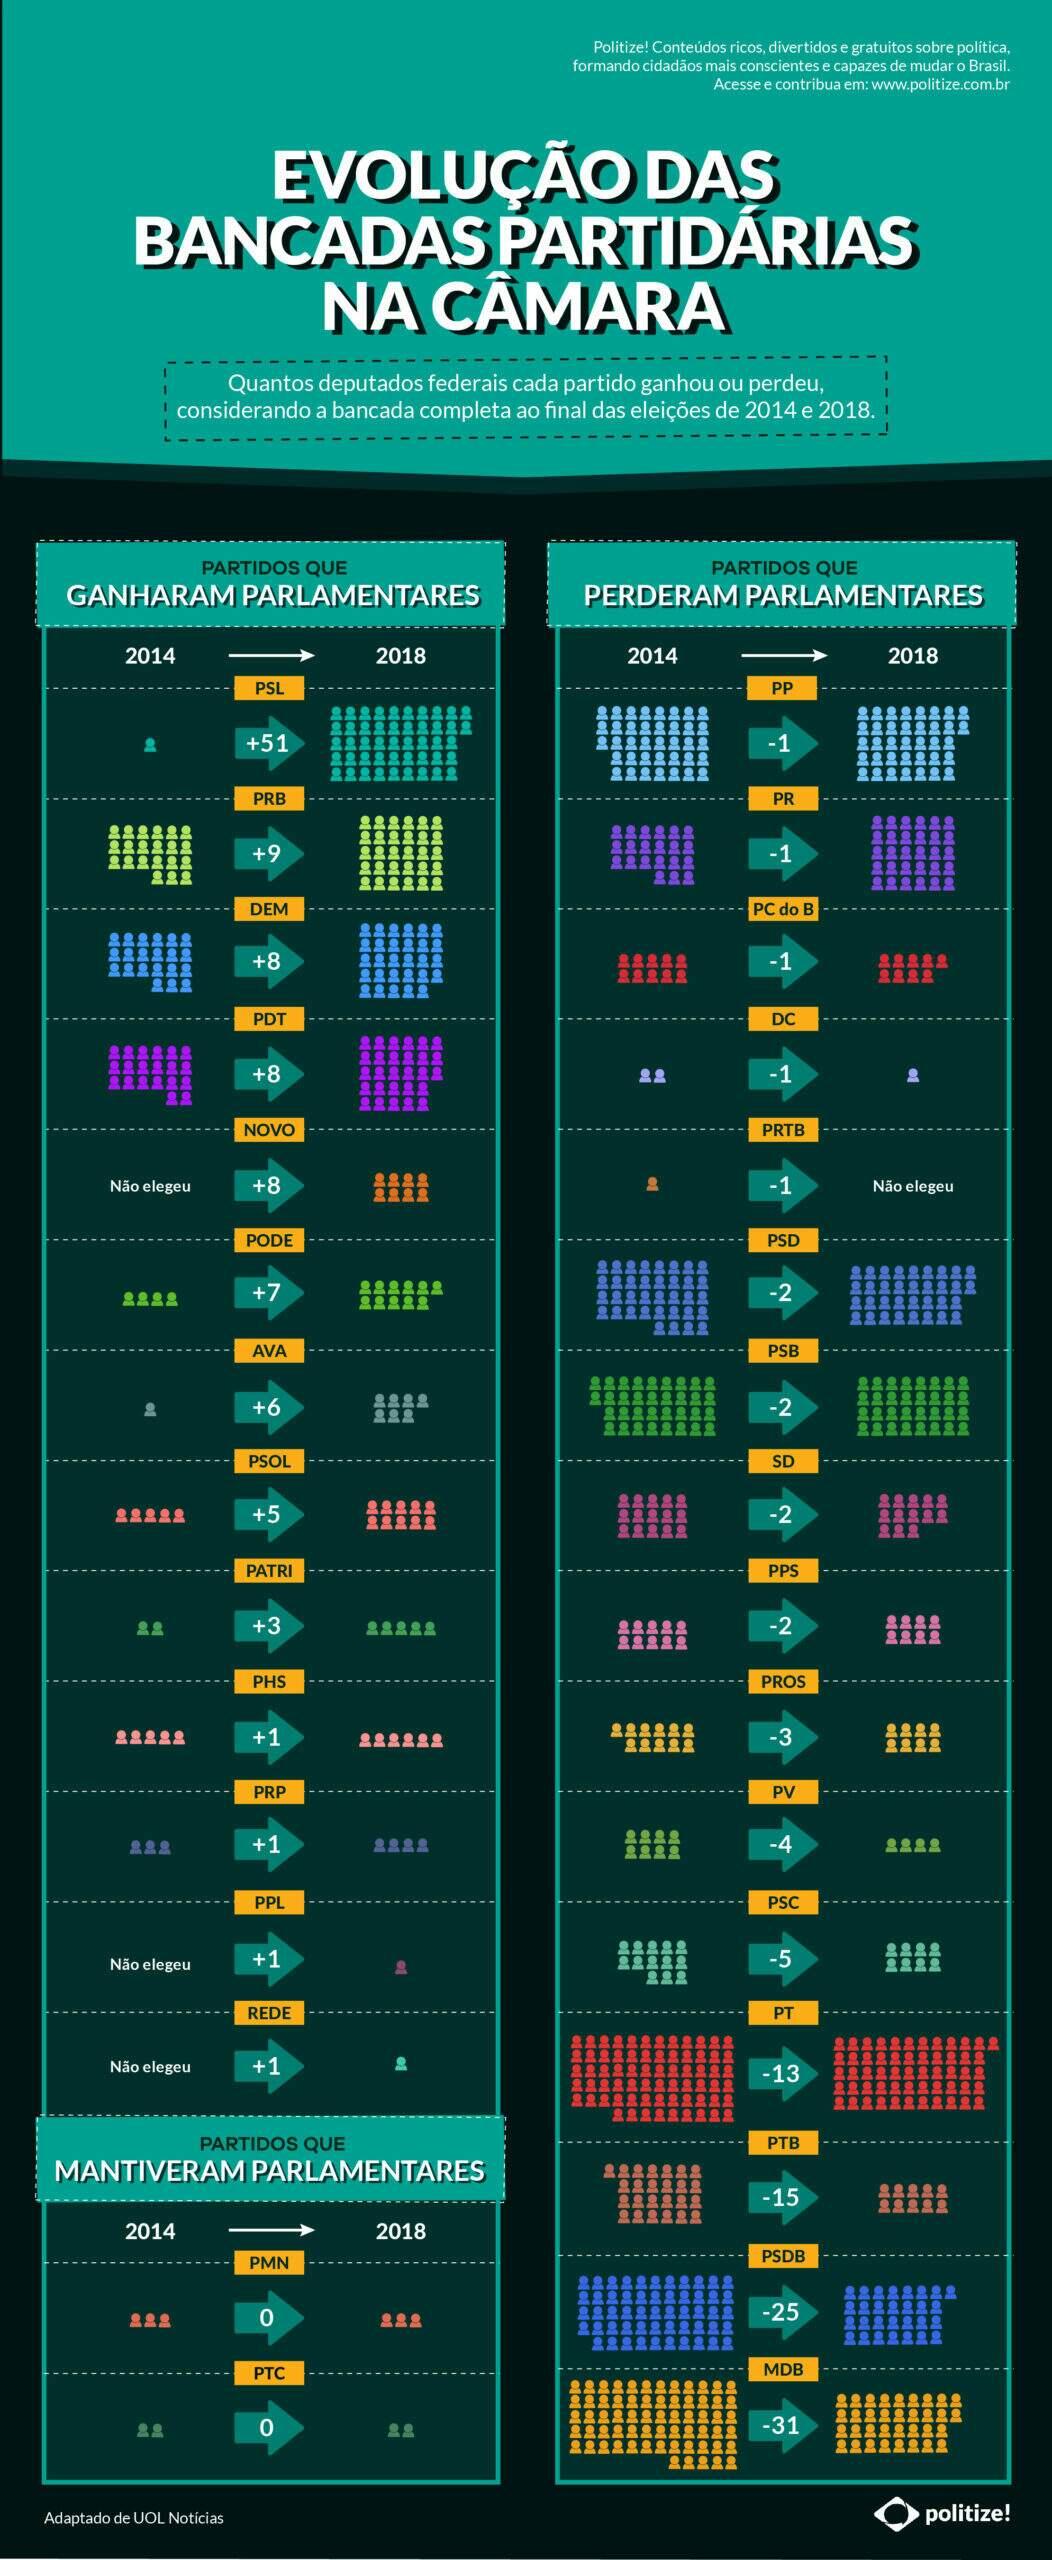 Infográfico - Evolução das bancadas partidárias na câmara